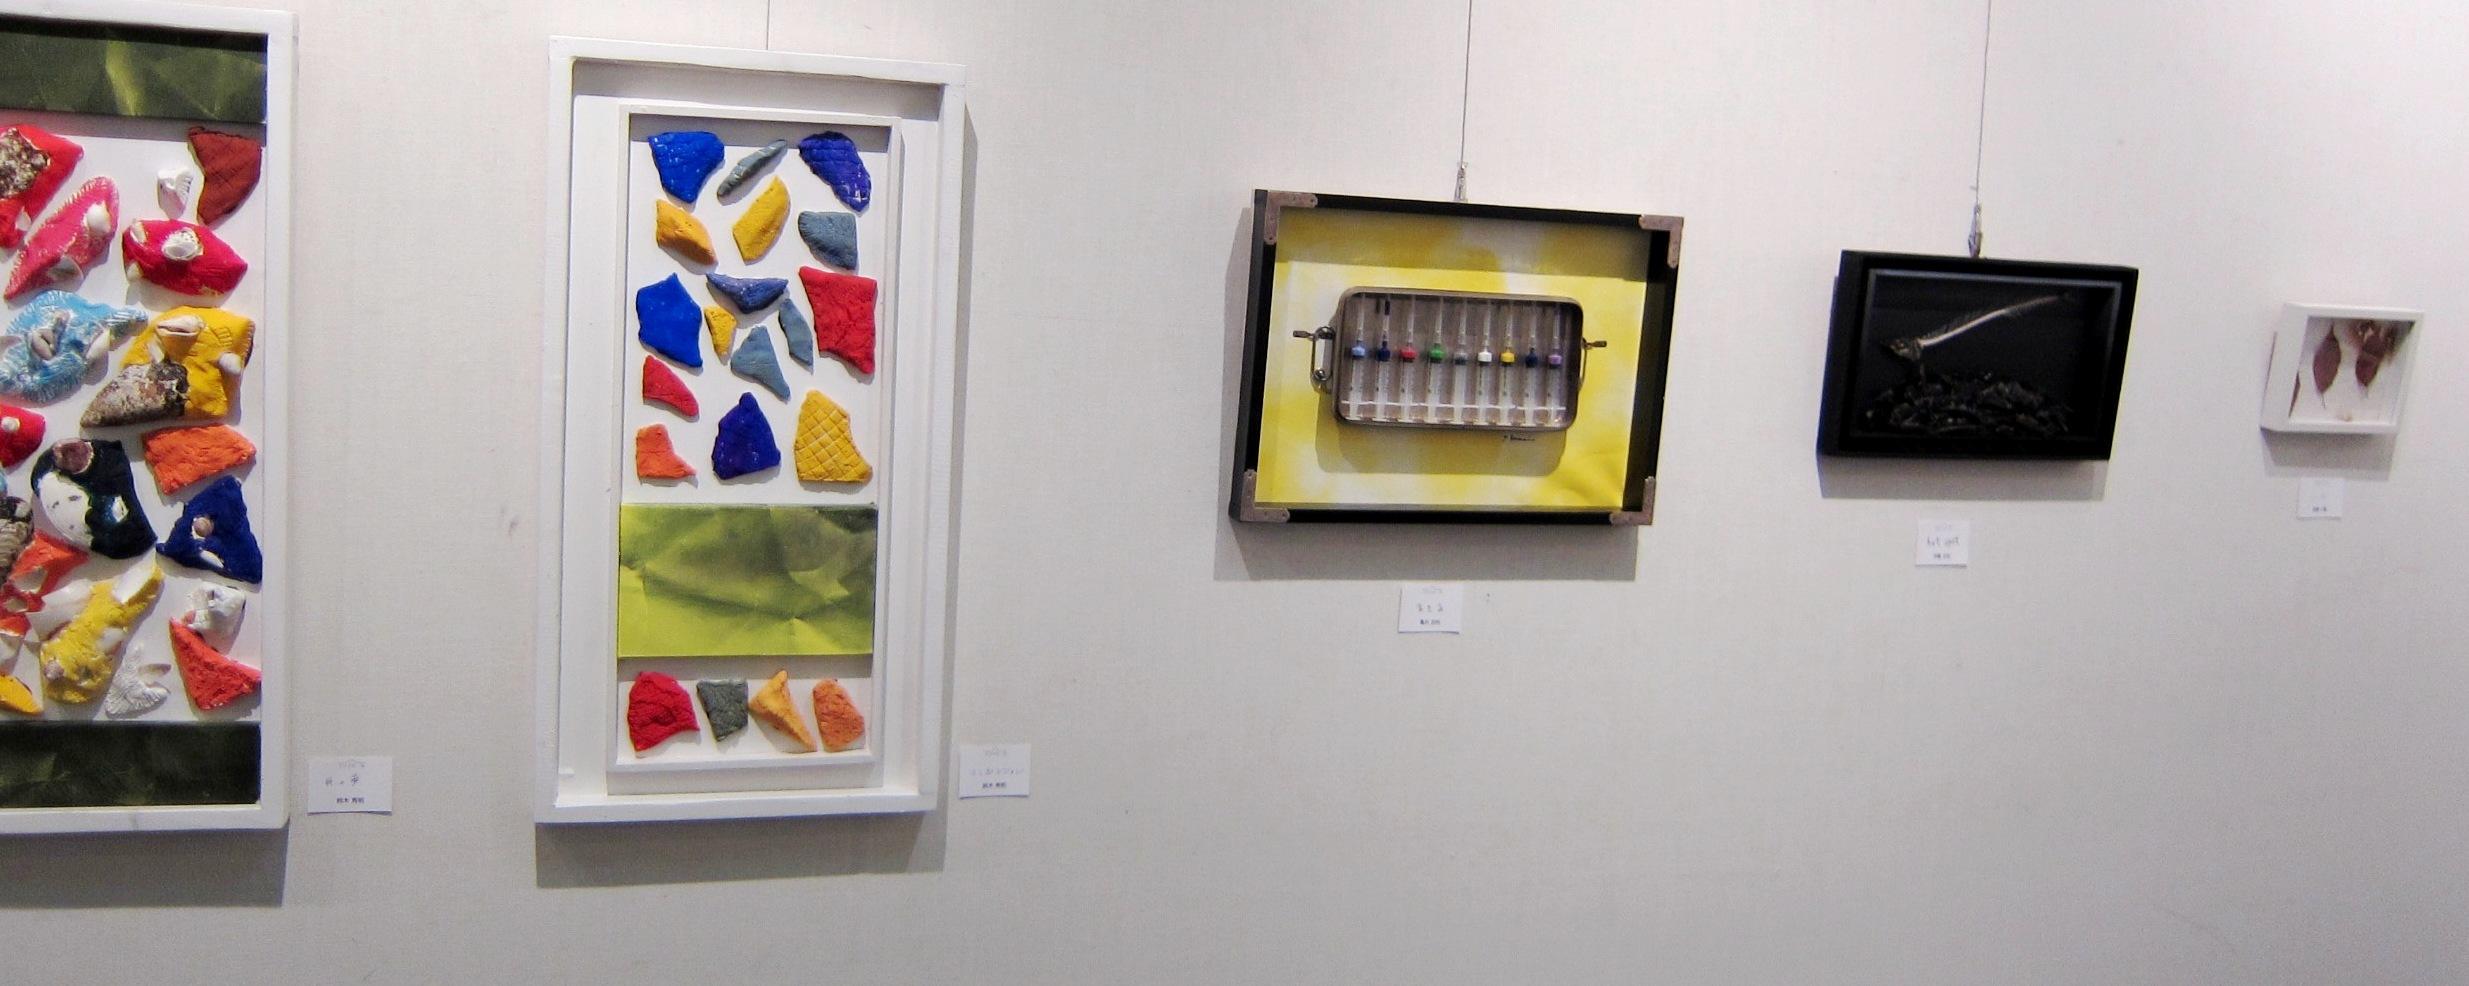 2156)「日本美術家連盟北海道地区 アーティストによる拡げる表現展」スカイ. 終了8月13日(火)~8月18日(日)_f0126829_11585816.jpg